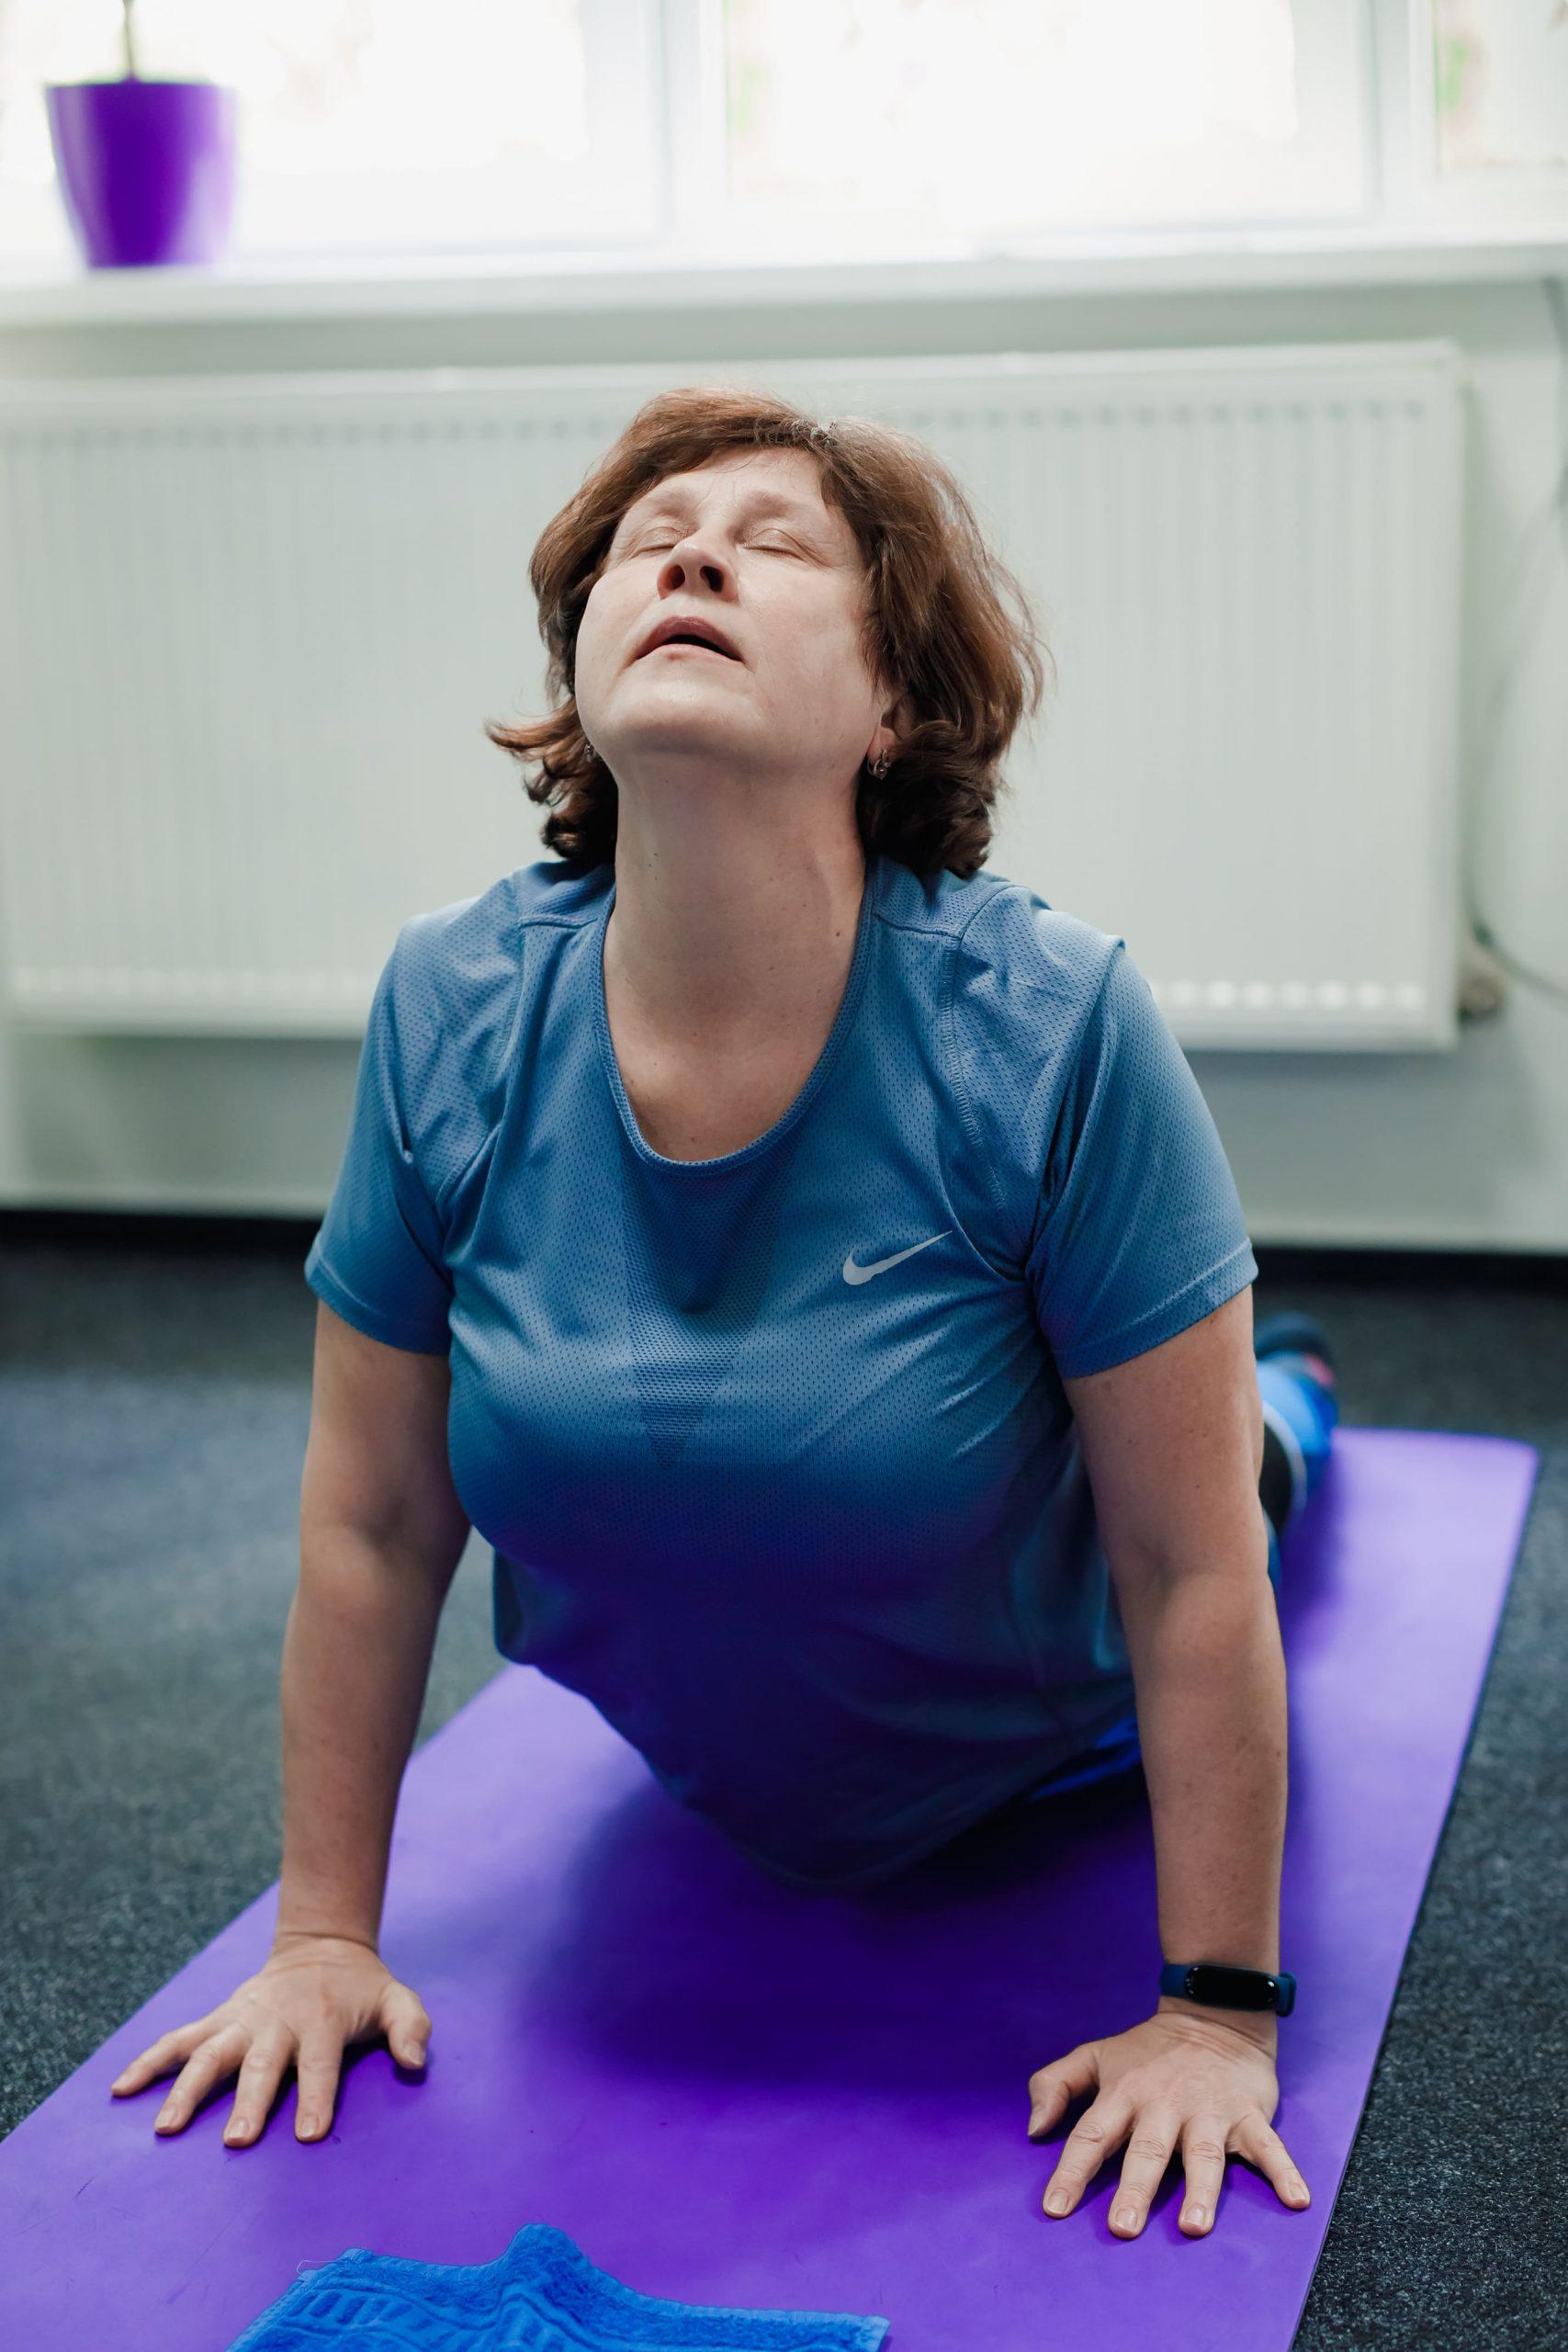 Женщина занимается лечебной гимнастикой